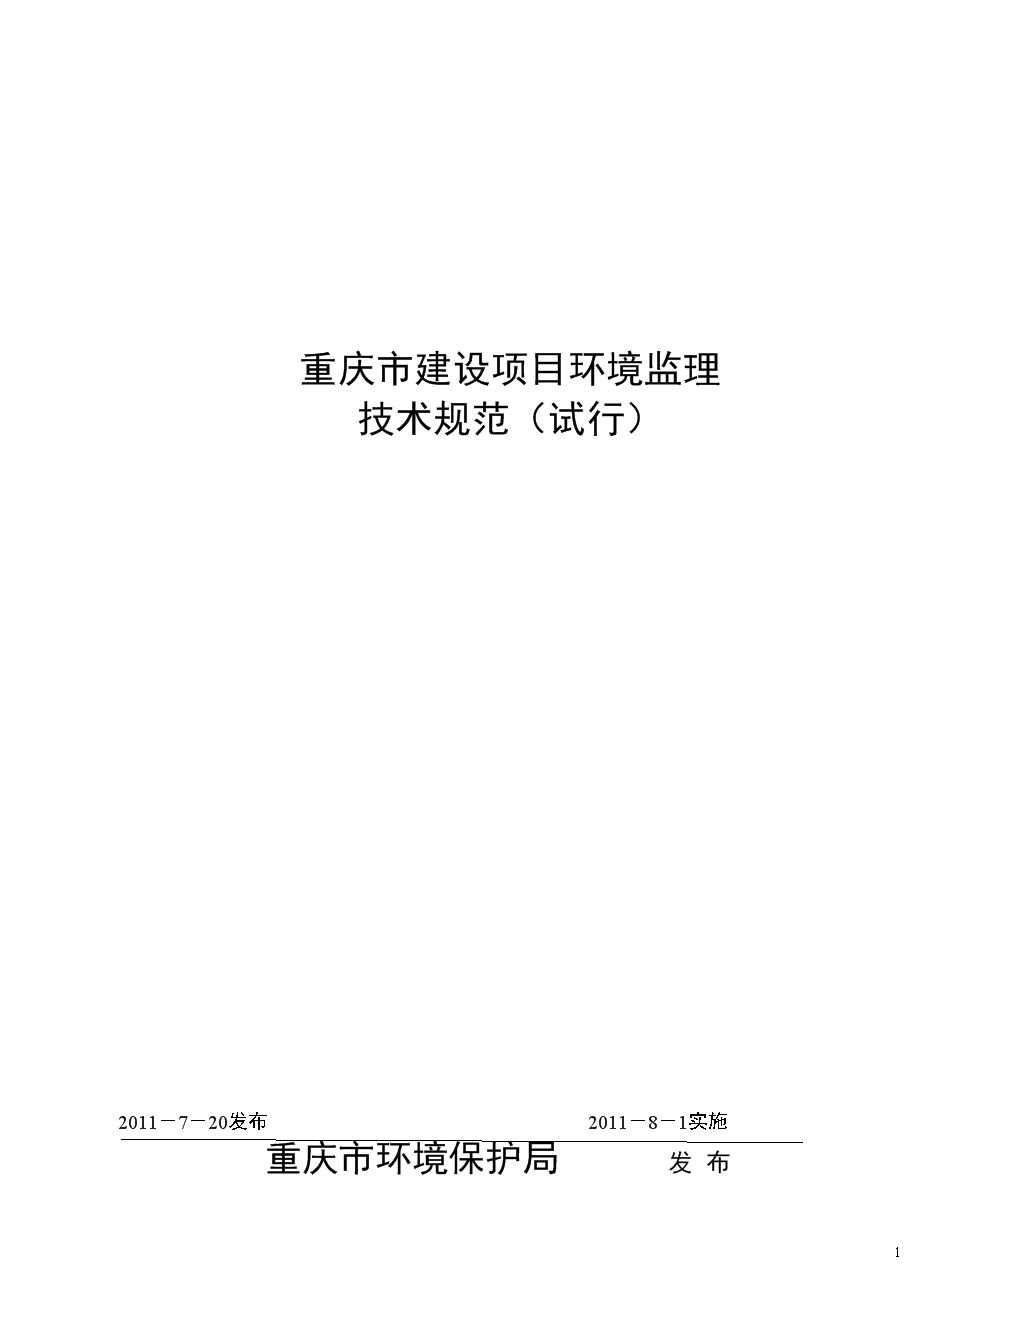 重庆建设项目环境监理技术规范(试行).doc